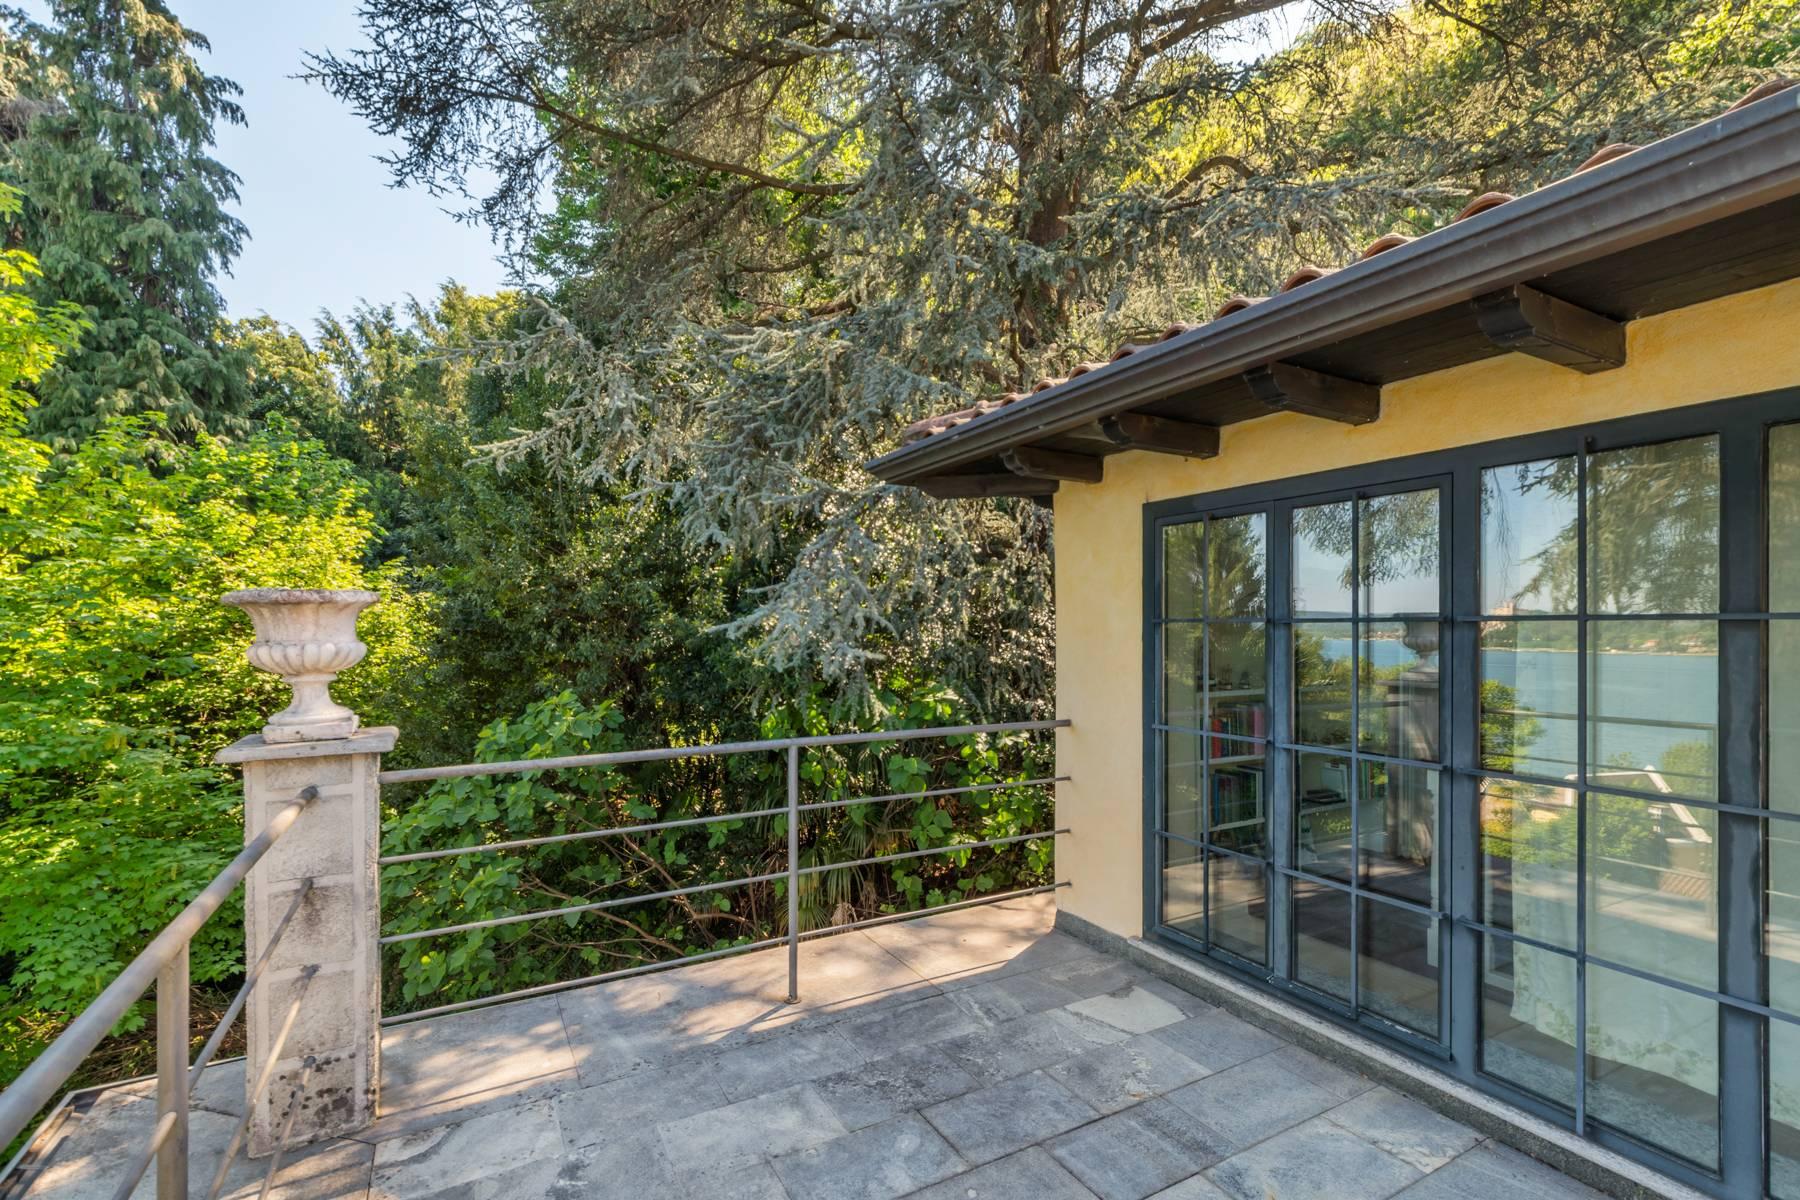 Villa in Vendita a Meina: 5 locali, 250 mq - Foto 18